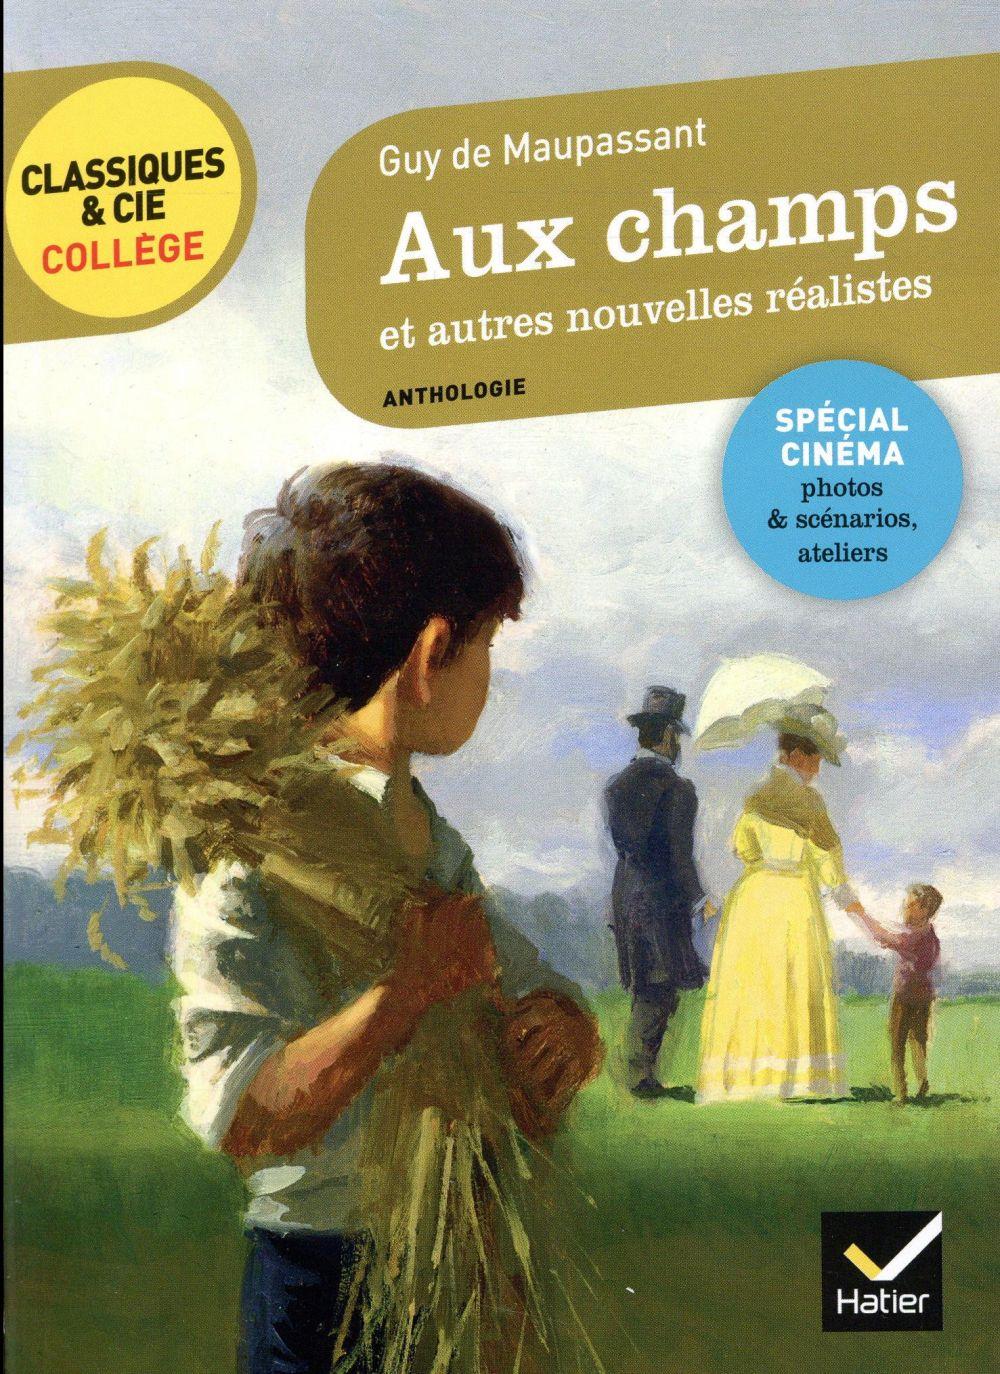 Maupassant Guy de - AUX CHAMPS ET AUTRES NOUVELLES REALISTES (MAUPASSANT)